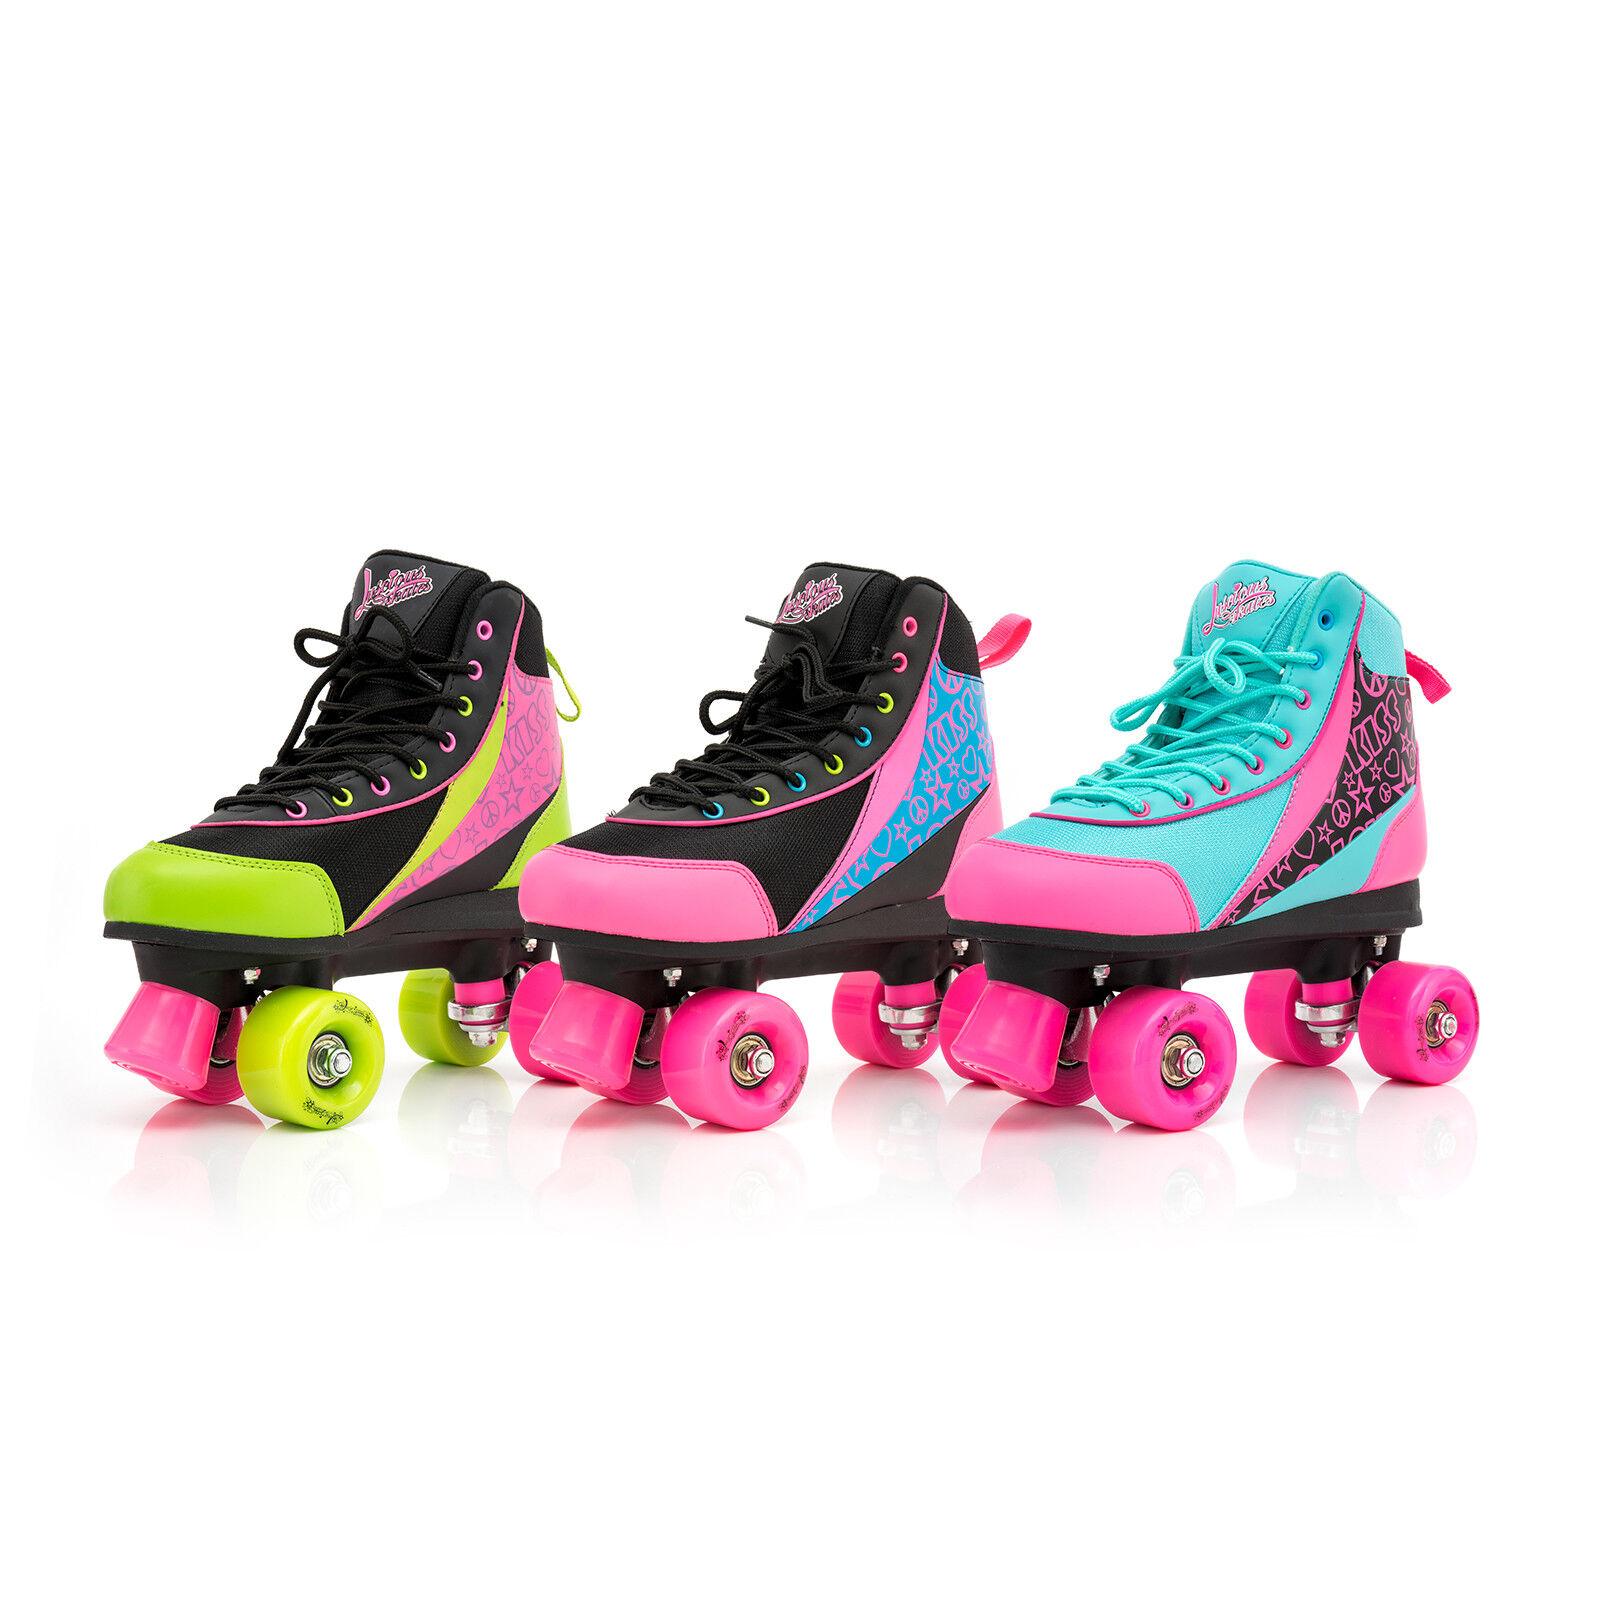 Rollschuhe für Kinder Skates Disco Roller Rollerskates Quad Retro Kinder Inliner